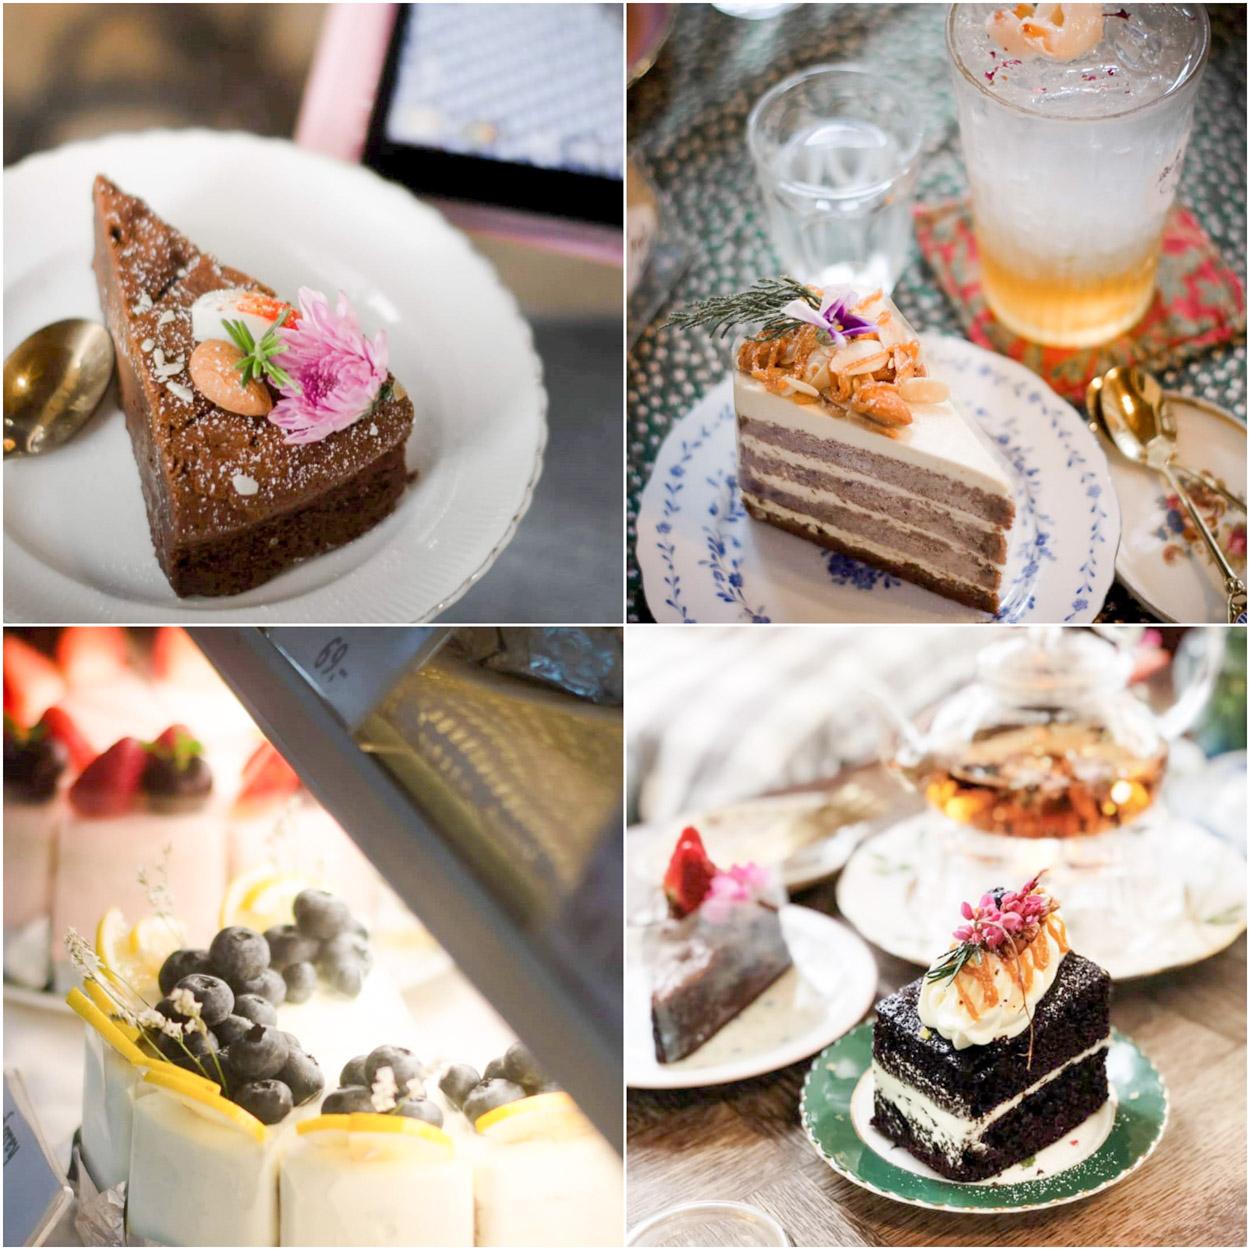 mali cakery คาเฟ่สาวกขนมเค้กไม่ควรพลาดกันเด็ดขาดกับร้านนี้ มีเค้กให้ชิมกันหลายเมนูและมุมถ่ายรูปน่ารักๆเยอะมวากกกก